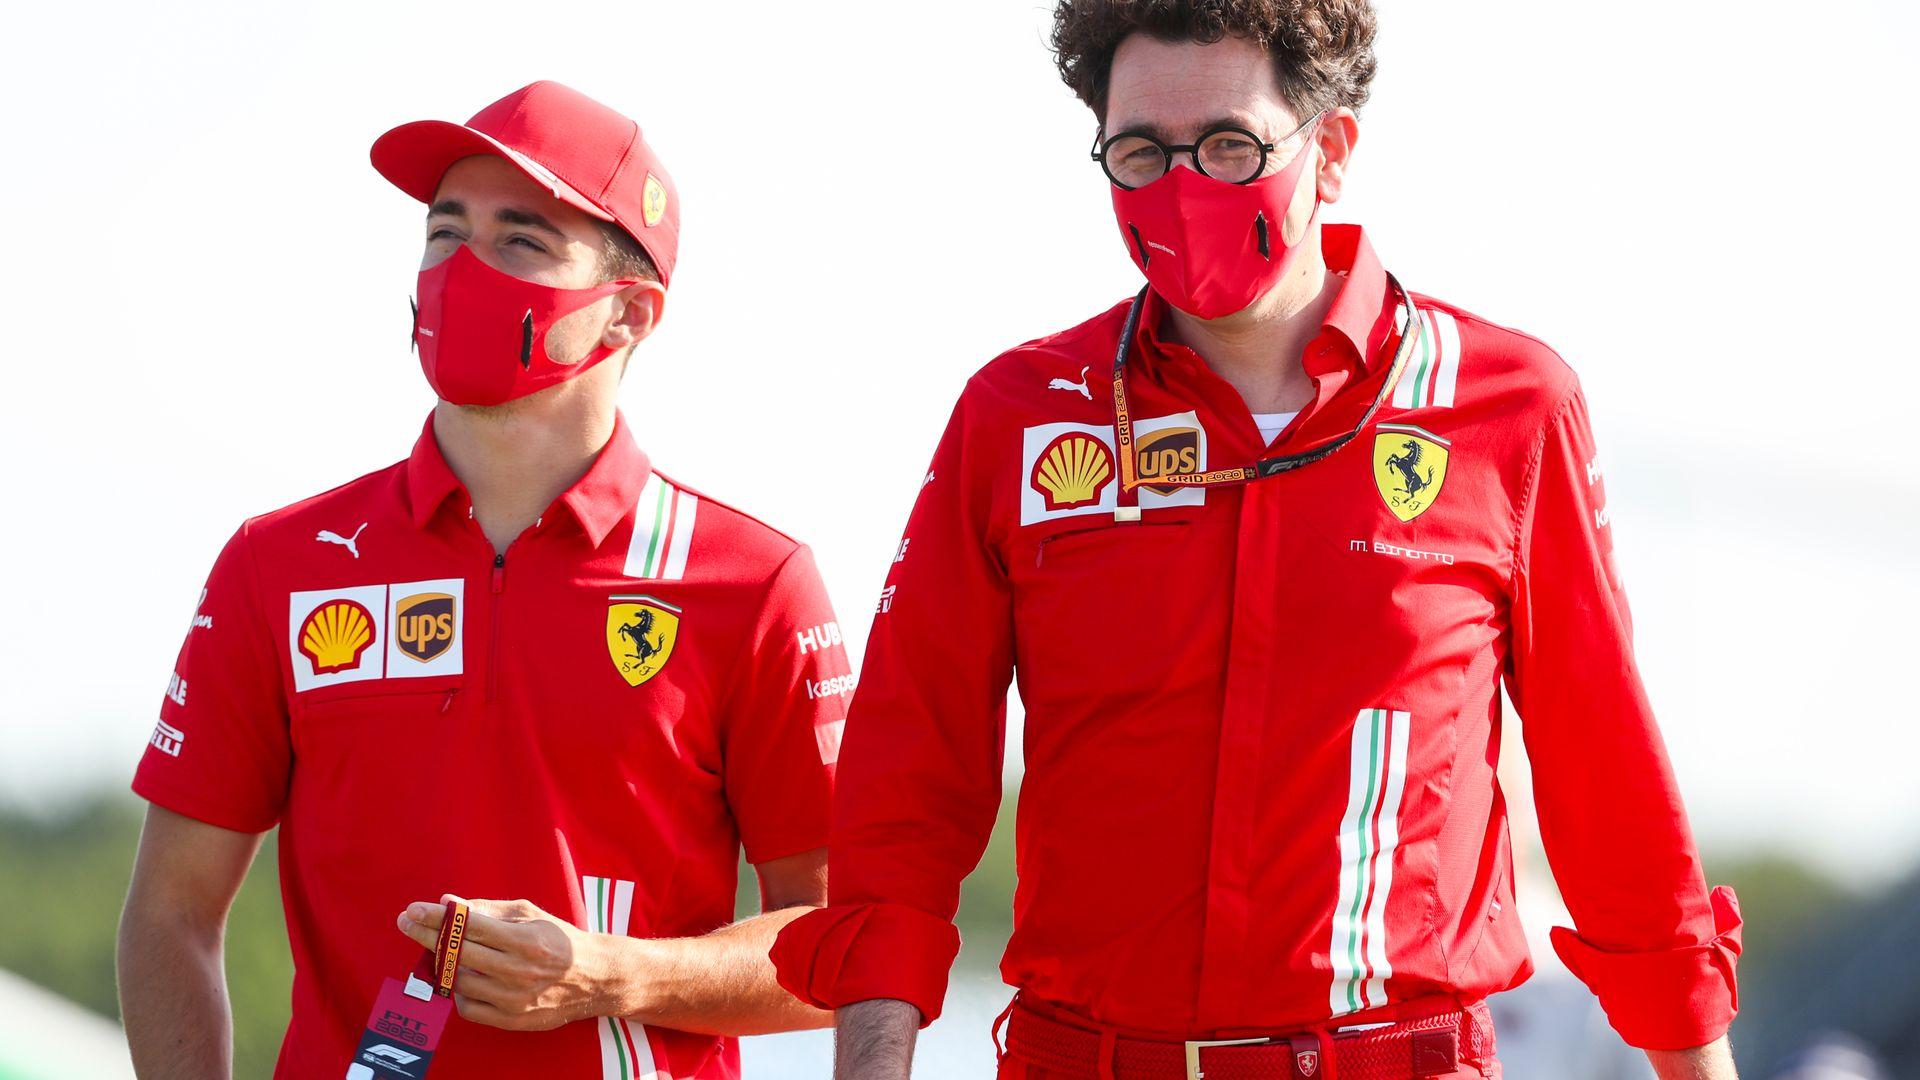 Ferrari on Leclerc vs Sainz, and no Hamilton 'regret'